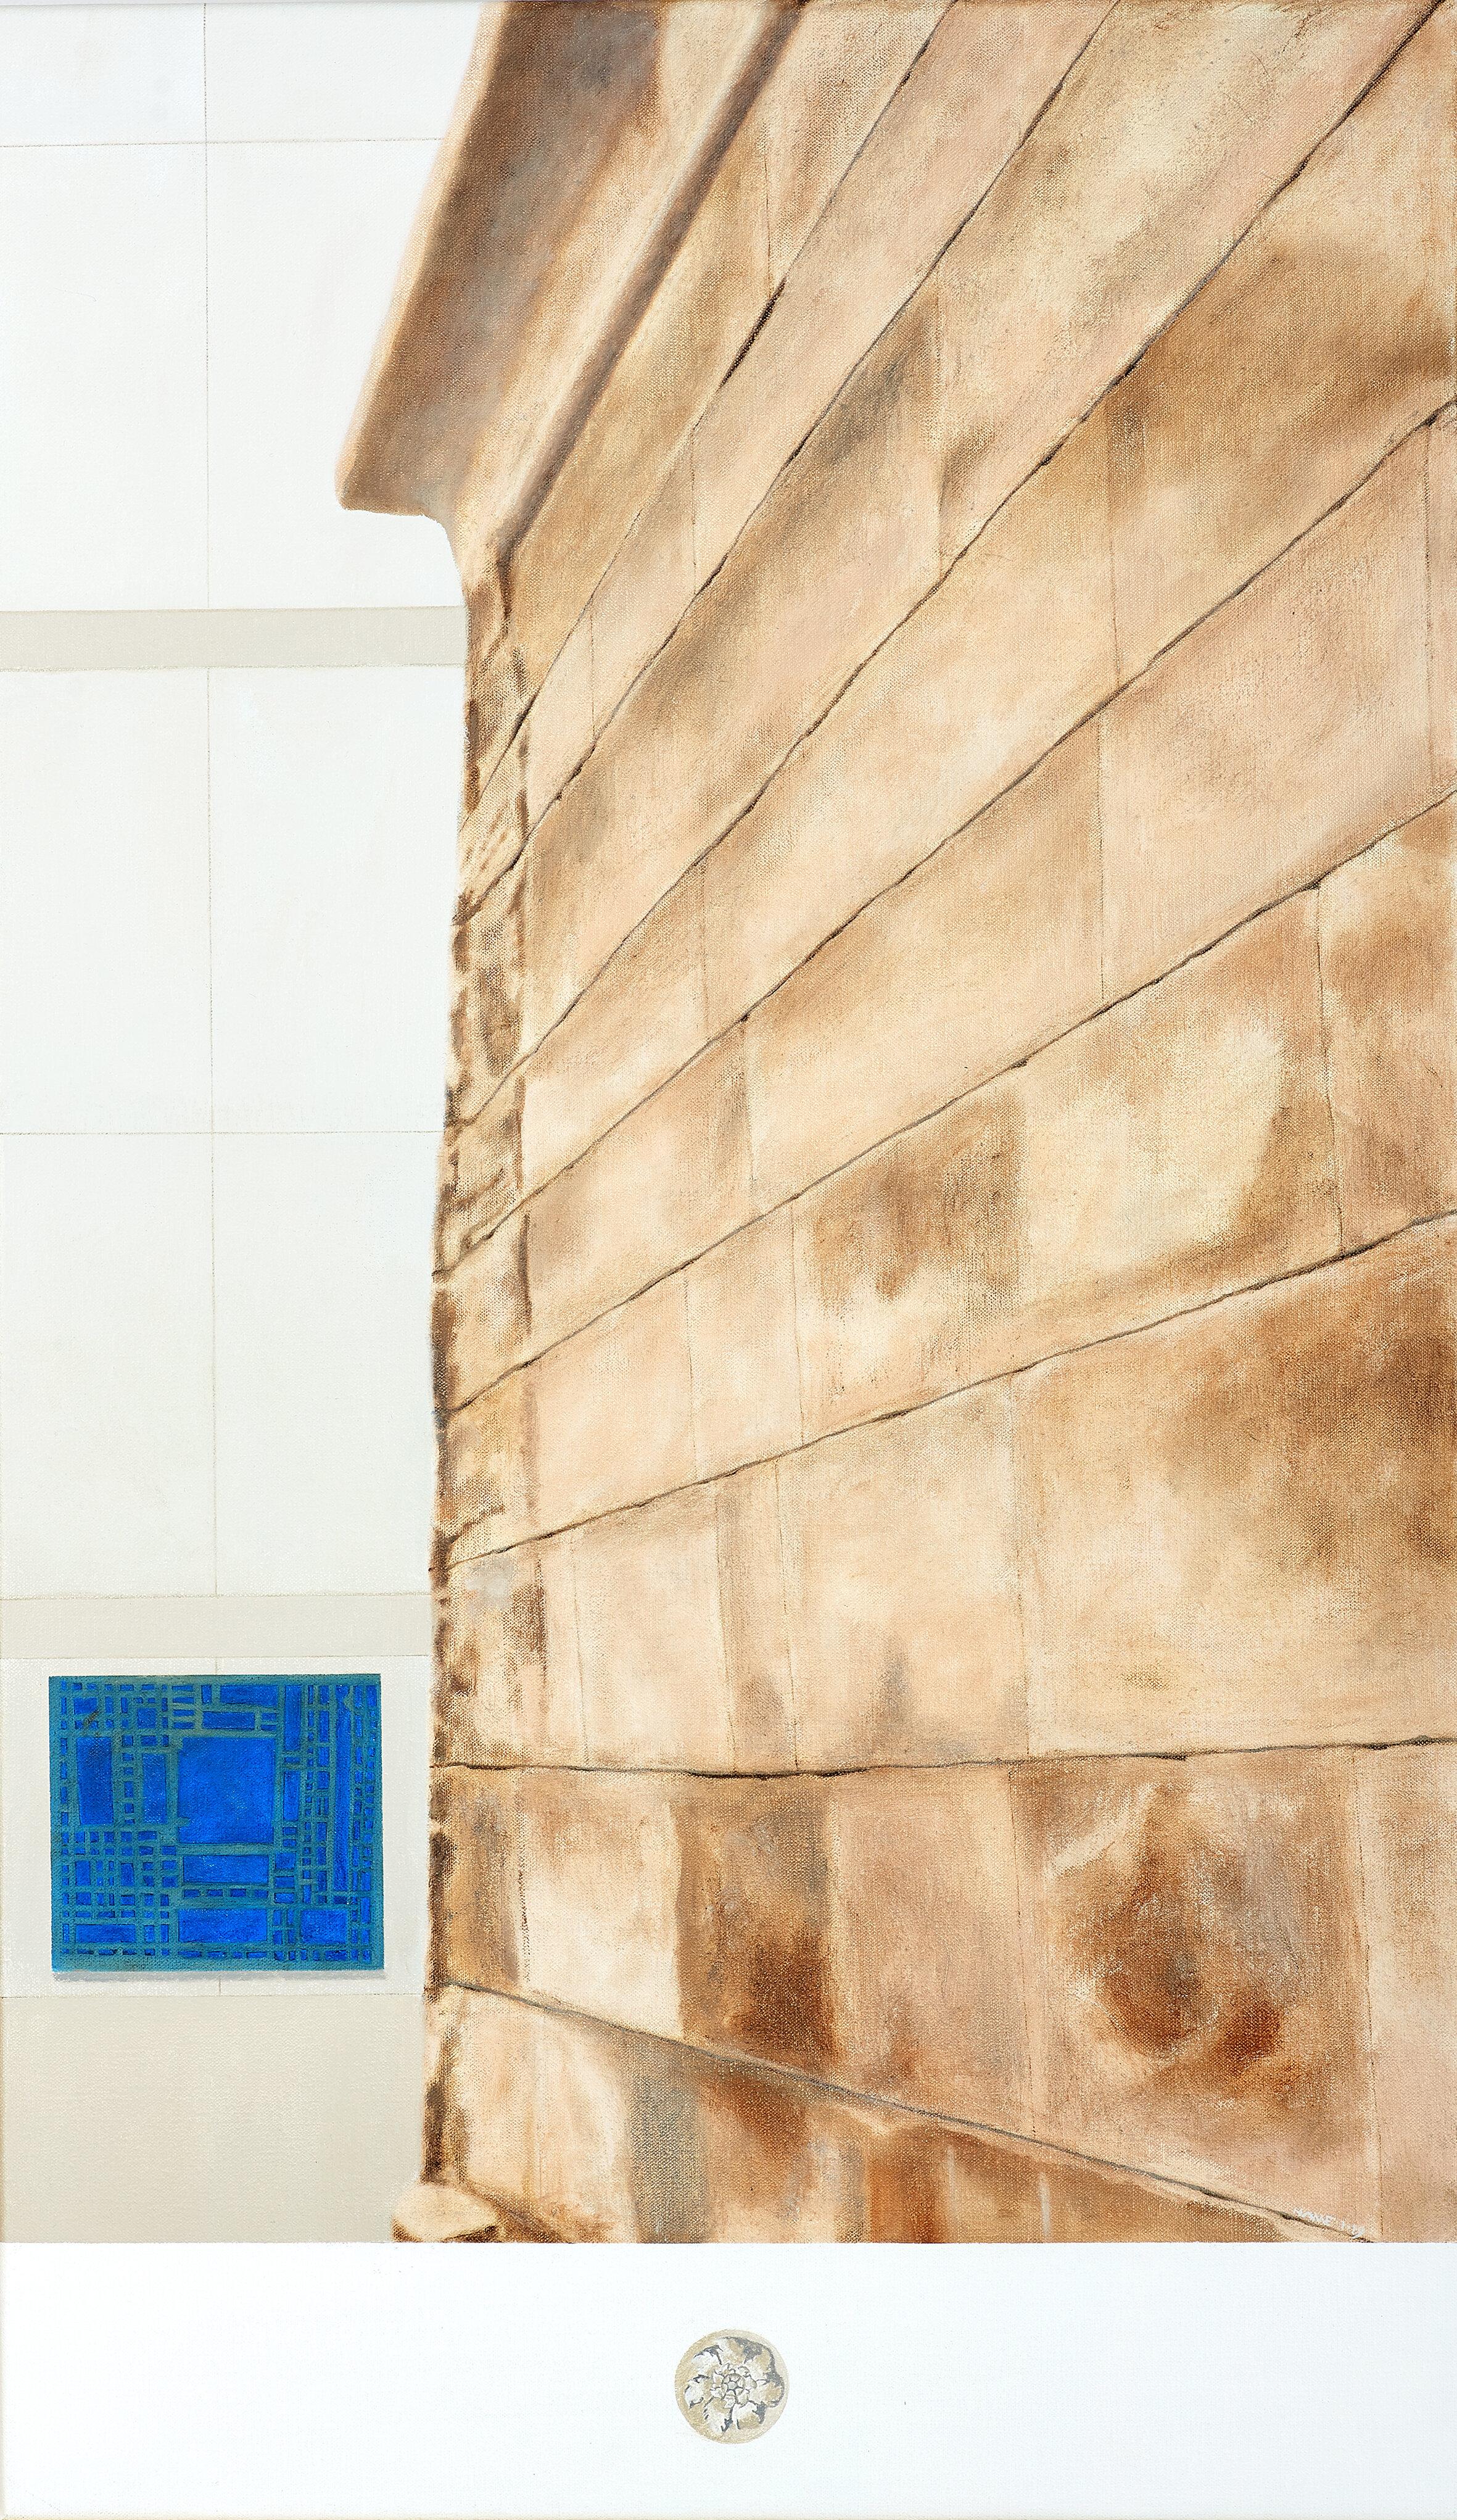 Tempio di Iside, Taffeh, Egitto.   Museo Nazionale di Antichità di Leiden, Olanda  2018 Olio su lino, 90 x 52.5 cm Collection Museum Aratro, University of Molise, Campobasso